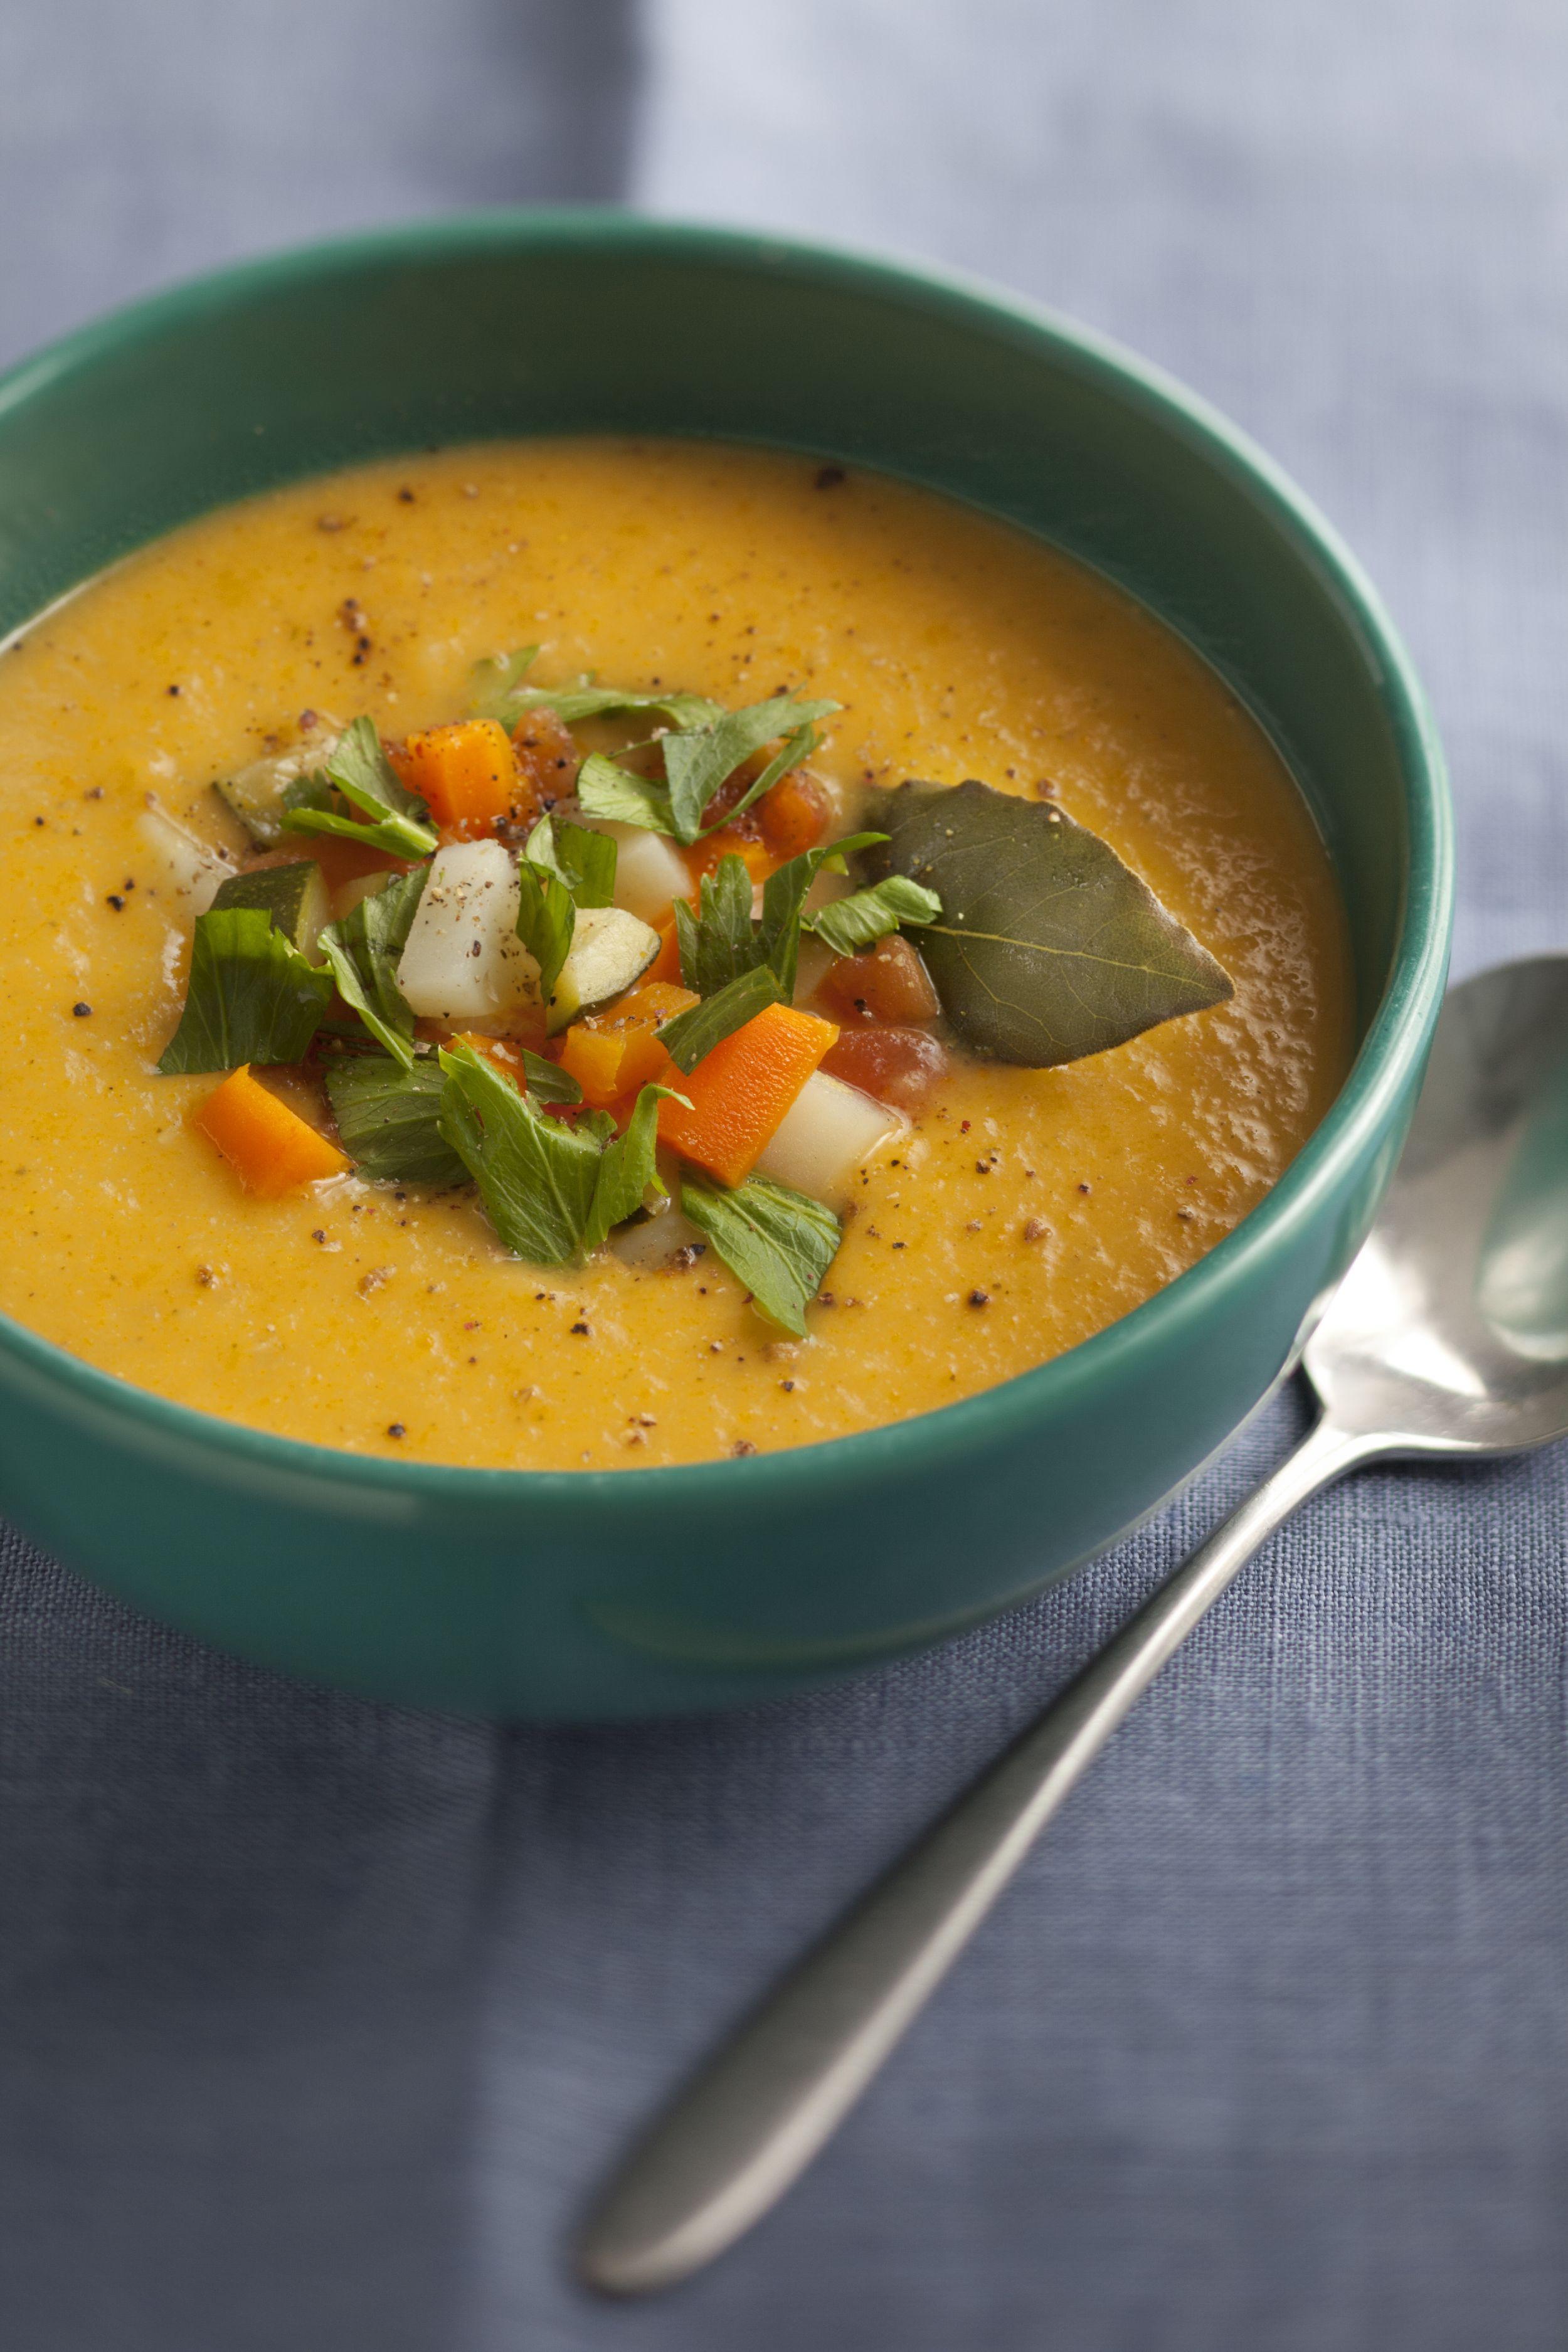 Soupe Poireau Carotte Pomme De Terre : soupe, poireau, carotte, pomme, terre, Soupe, Pomme, Terre, Poireaux, Carottes, Délicieuses, Recettes